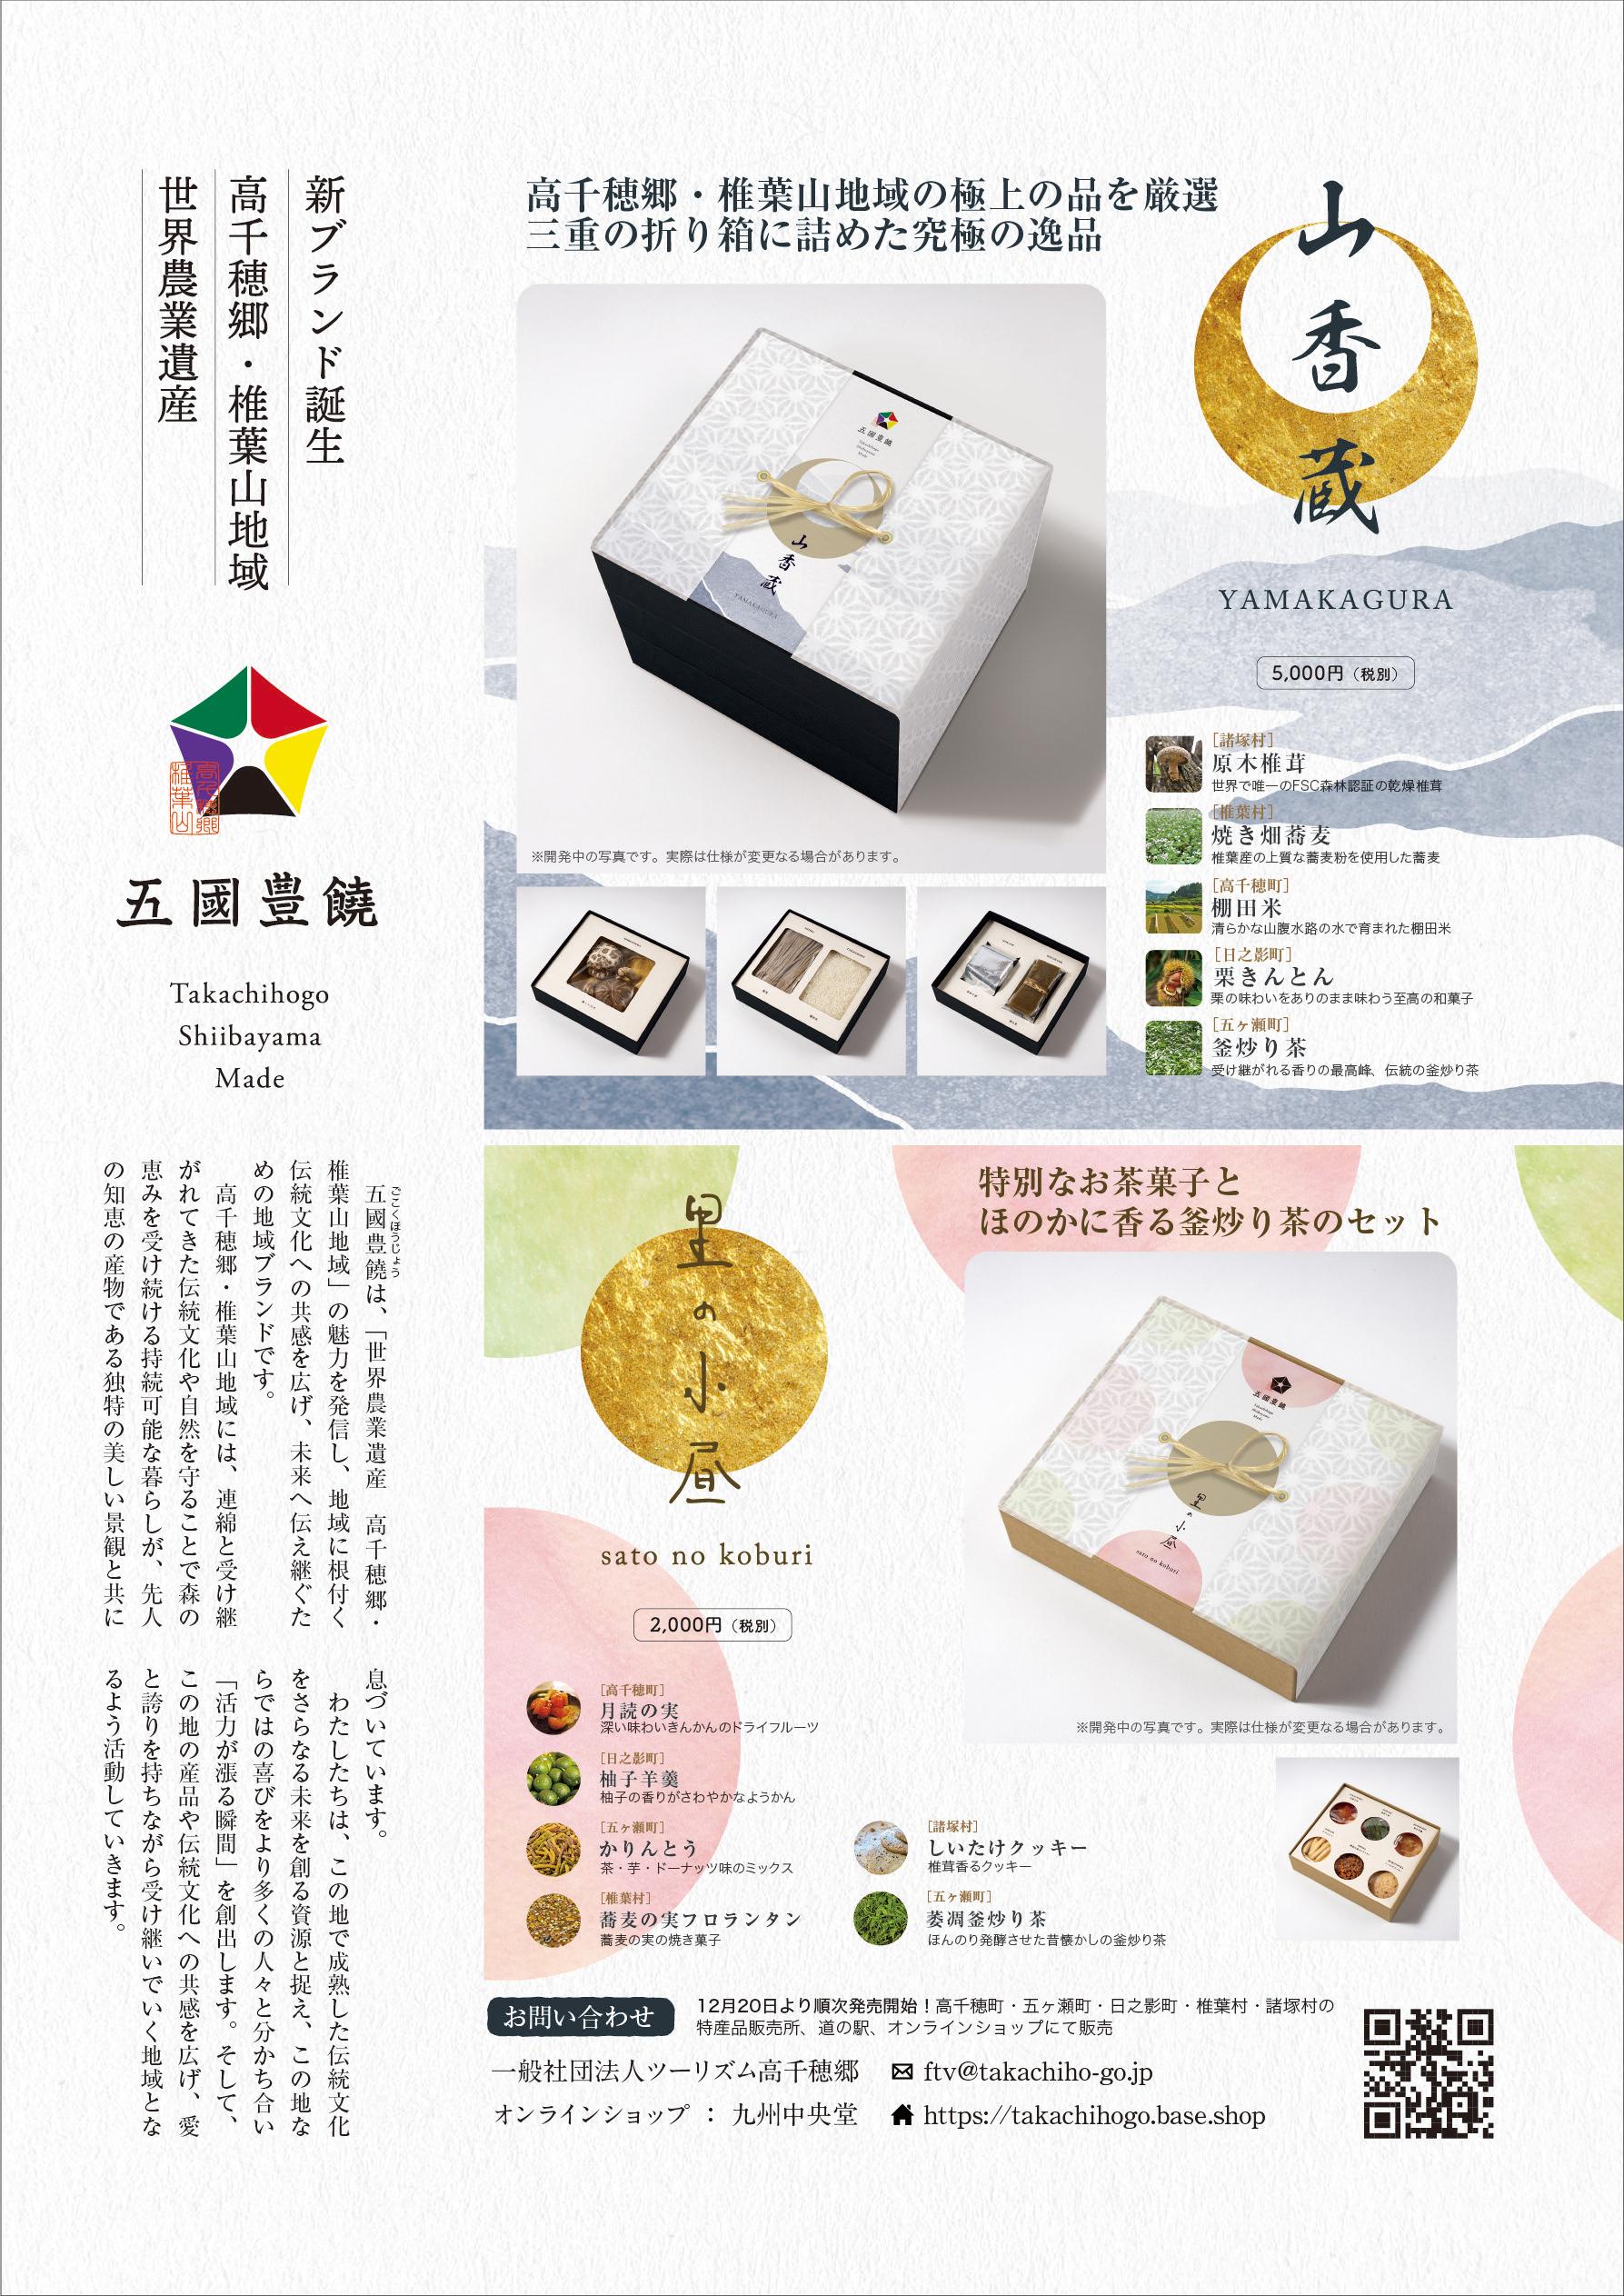 五國豊饒〜新商品12月20日発売いたします。